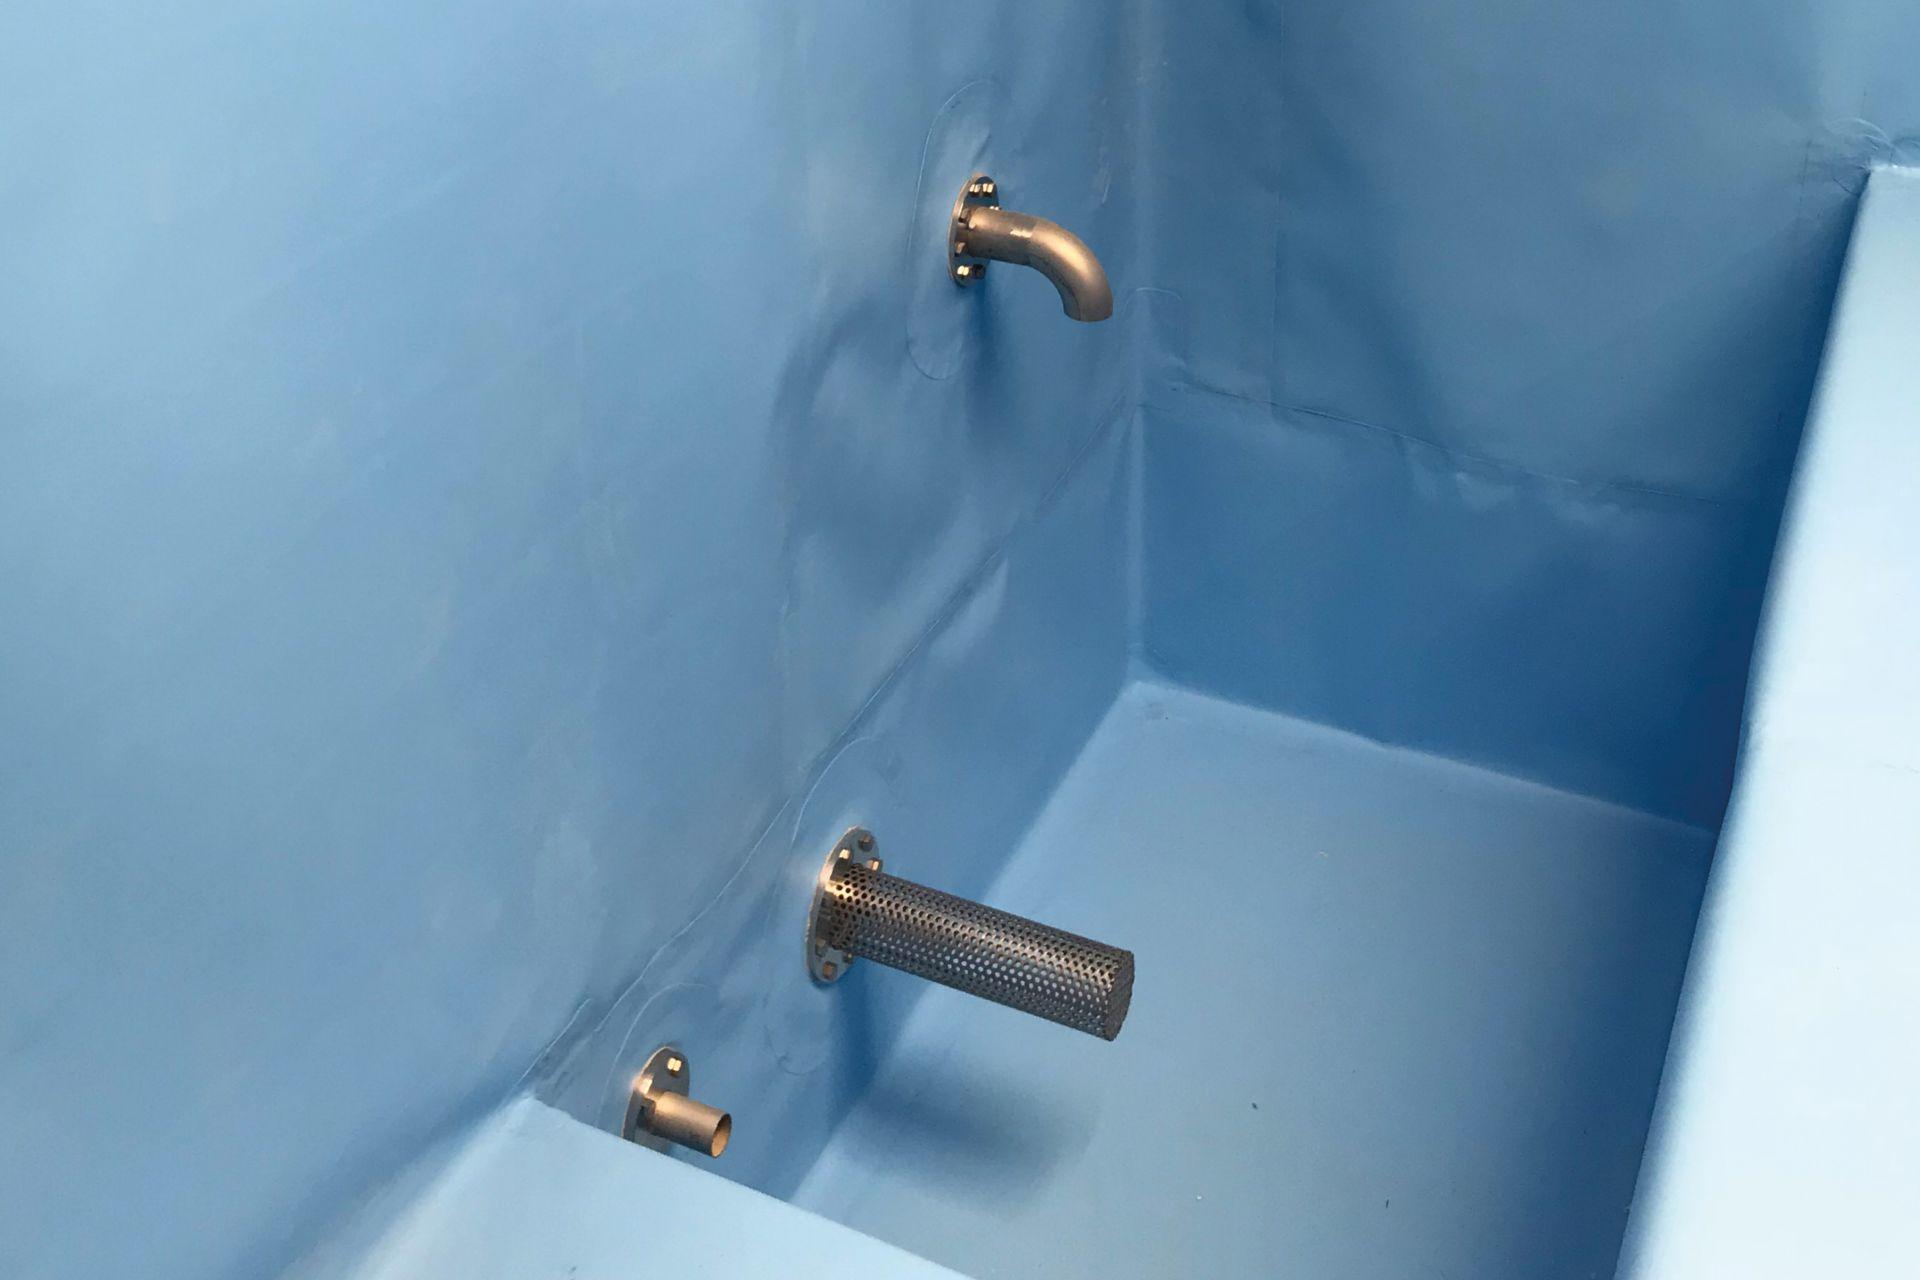 Etanchéité pour réservoir d'eau avec membrane Sikaplan®, SafeHost SA, Gland